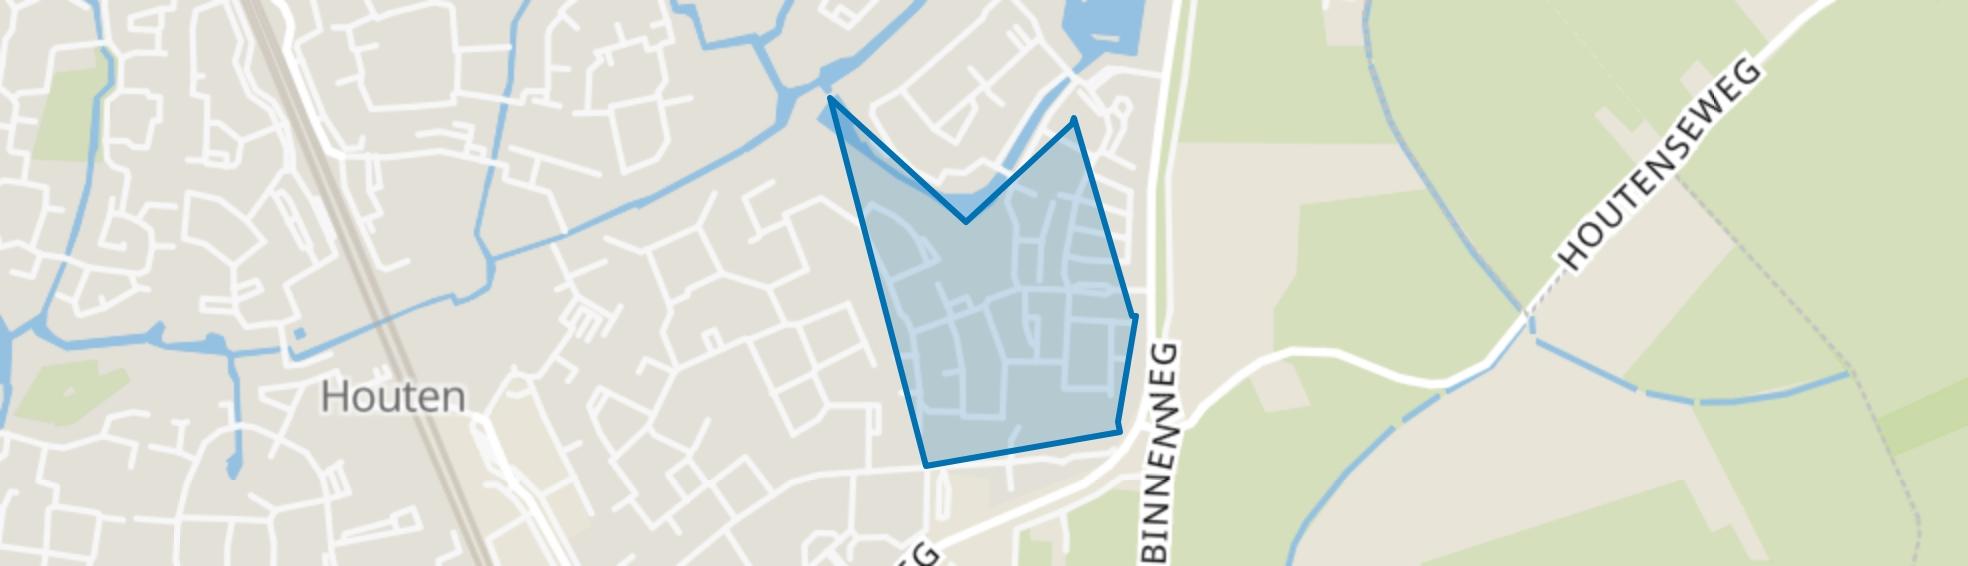 Akkers, Houten map